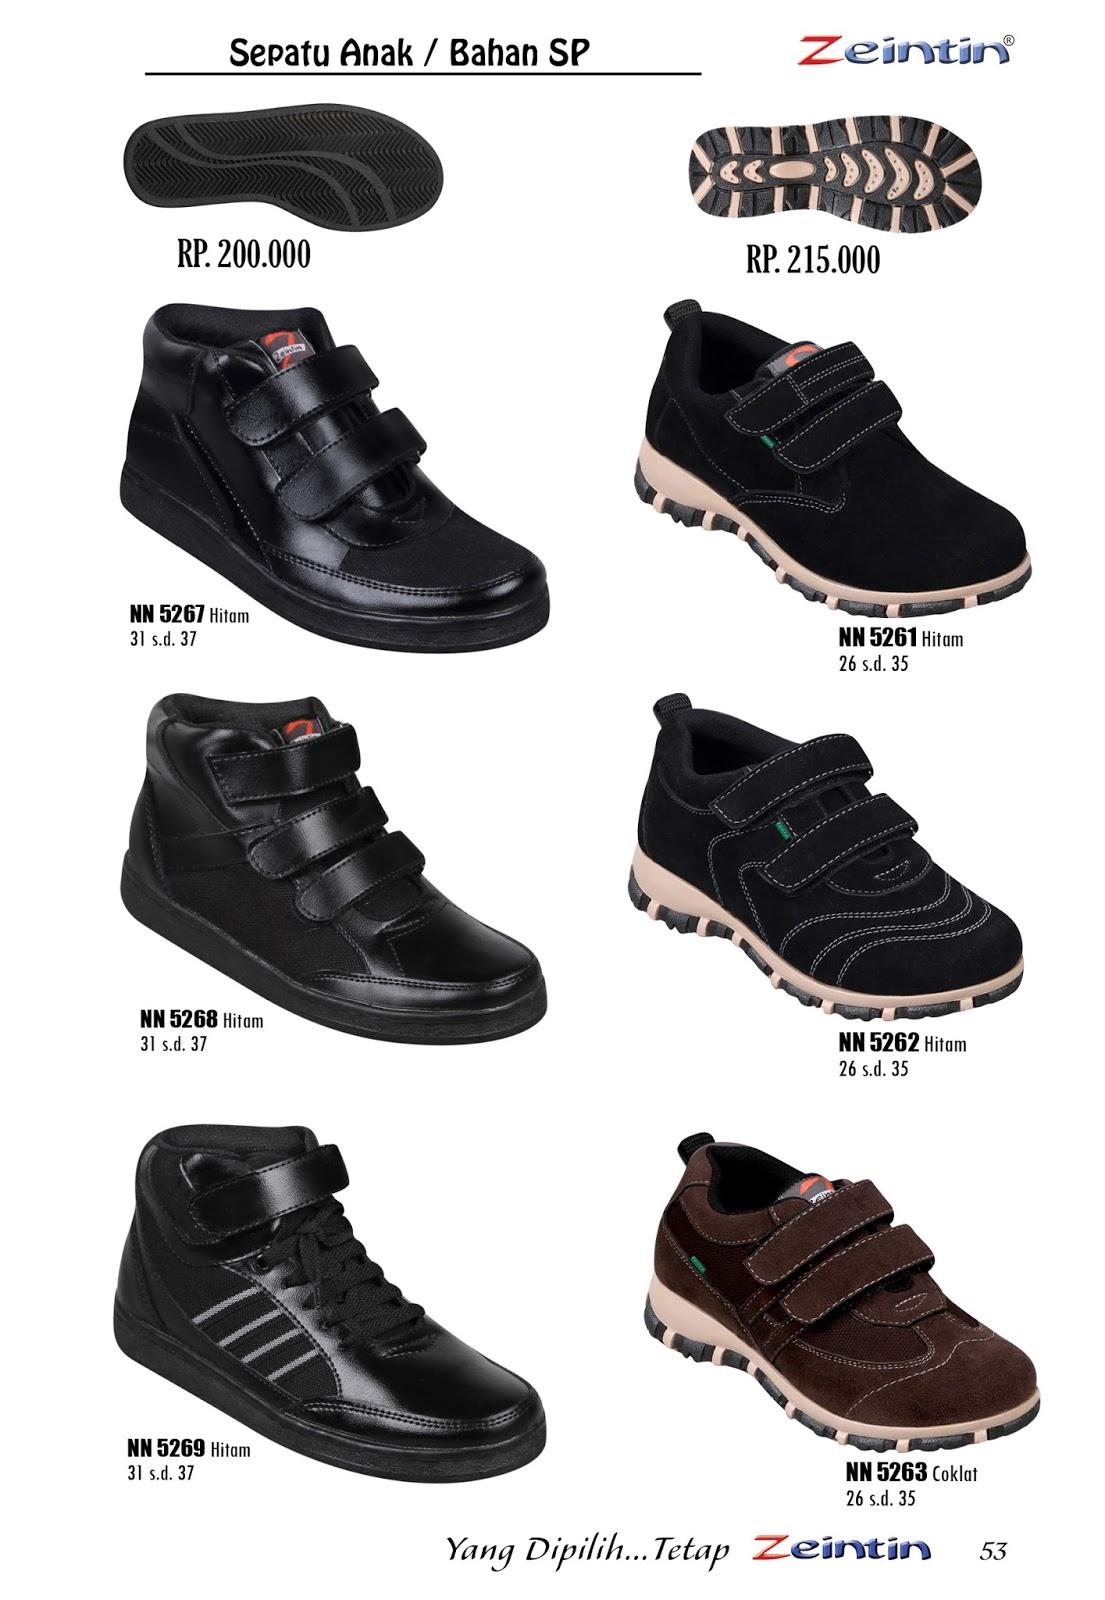 TasampSepatu Model Sepatu Anak Sekolah